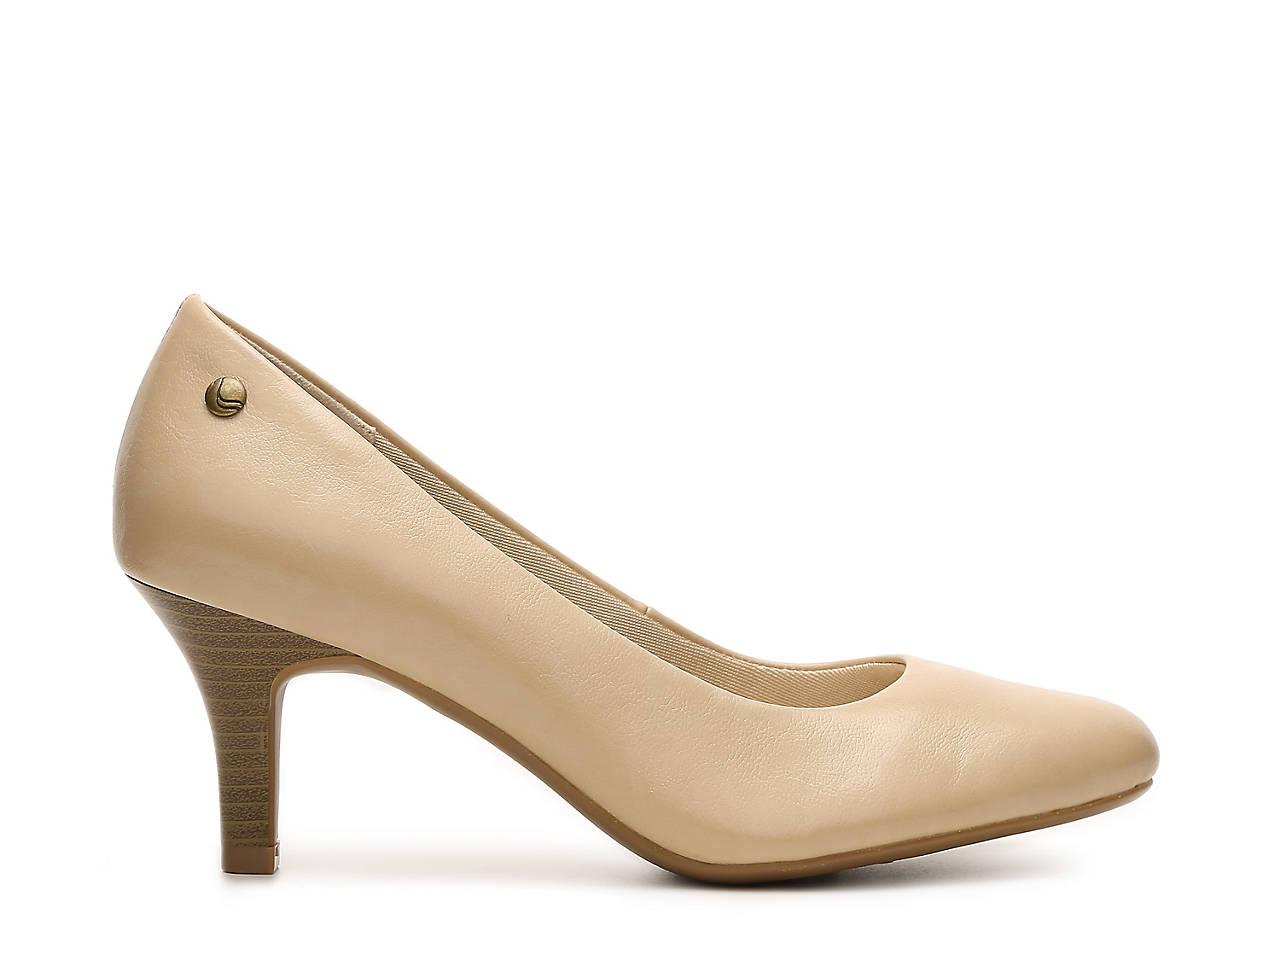 ec3f54ca2f15 LifeStride Parigi Pump Women s Shoes